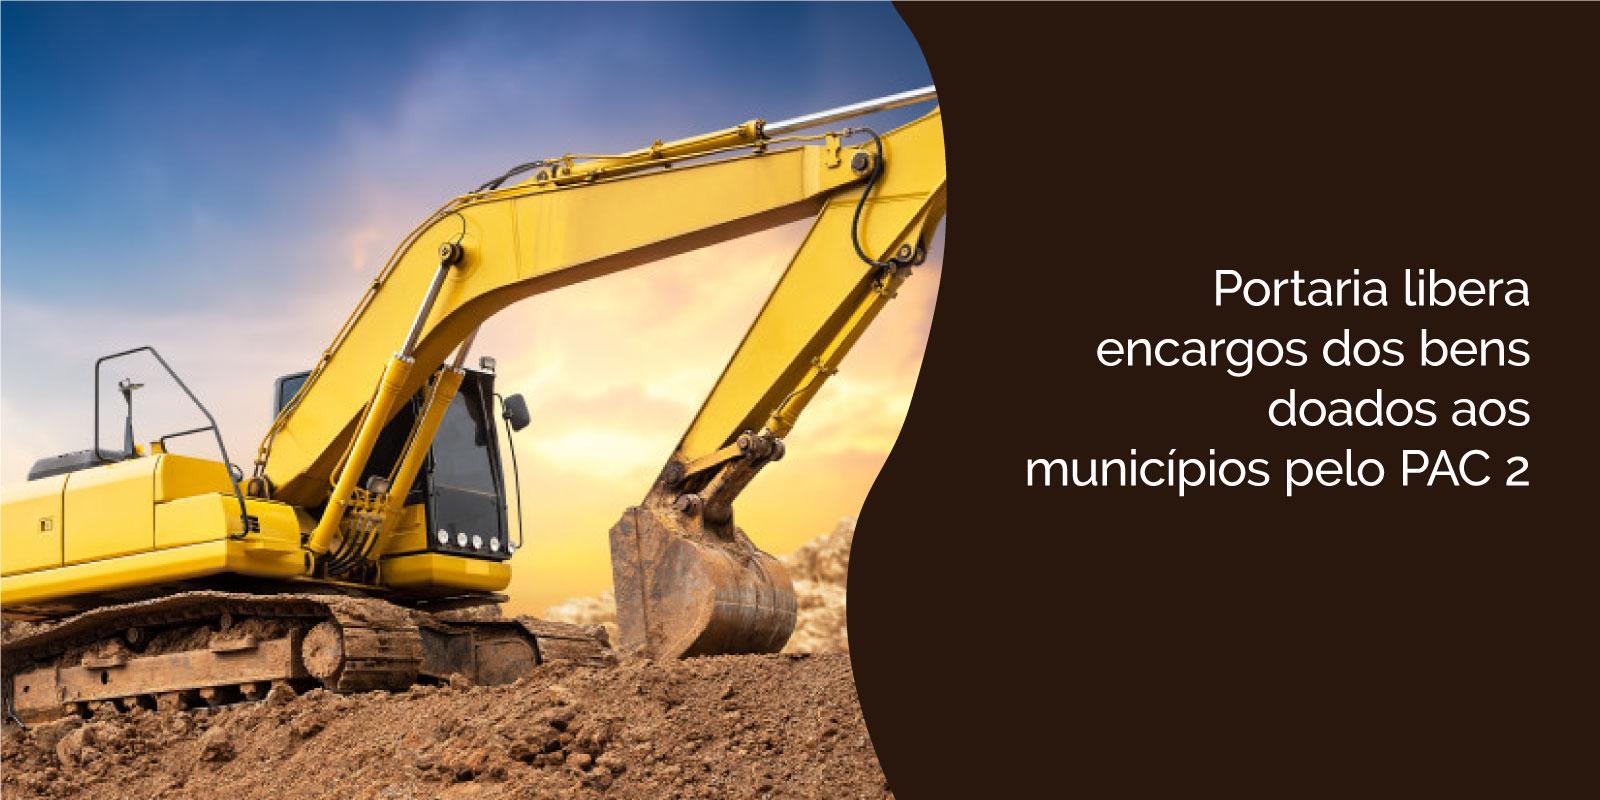 Portaria libera encargos dos bens doados aos municípios pelo PAC 2